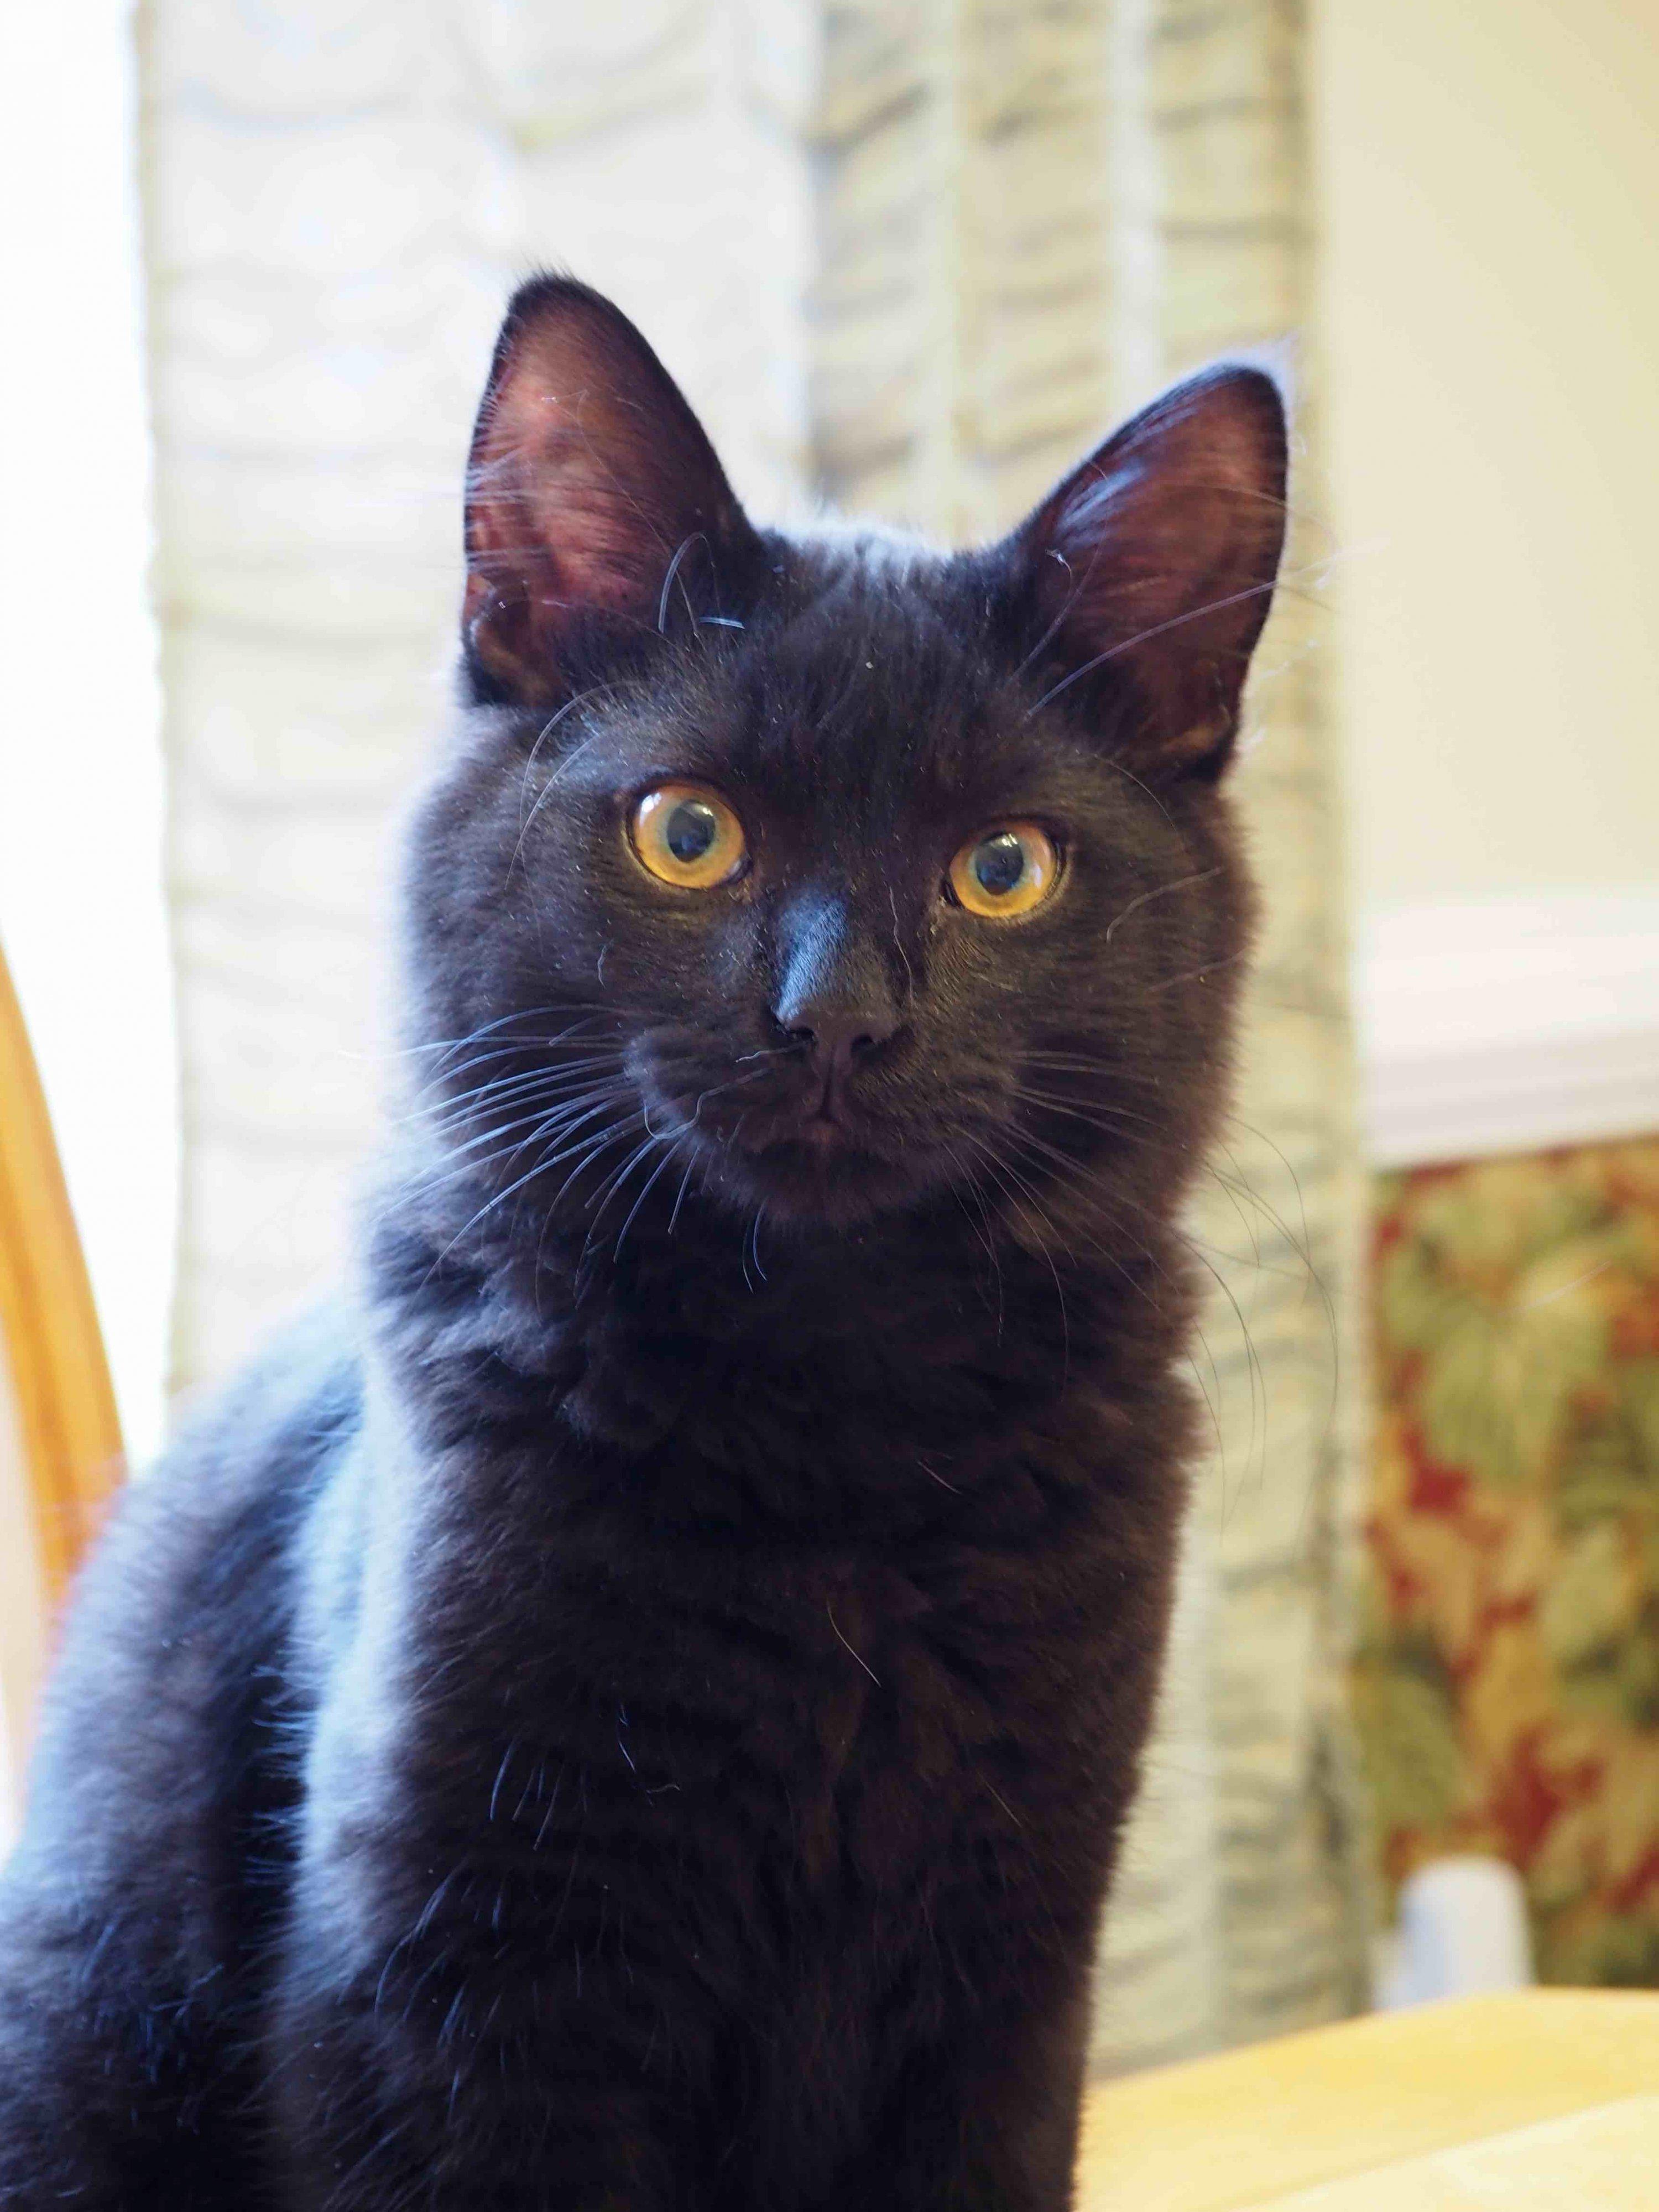 Black Cat Glaring.jpg